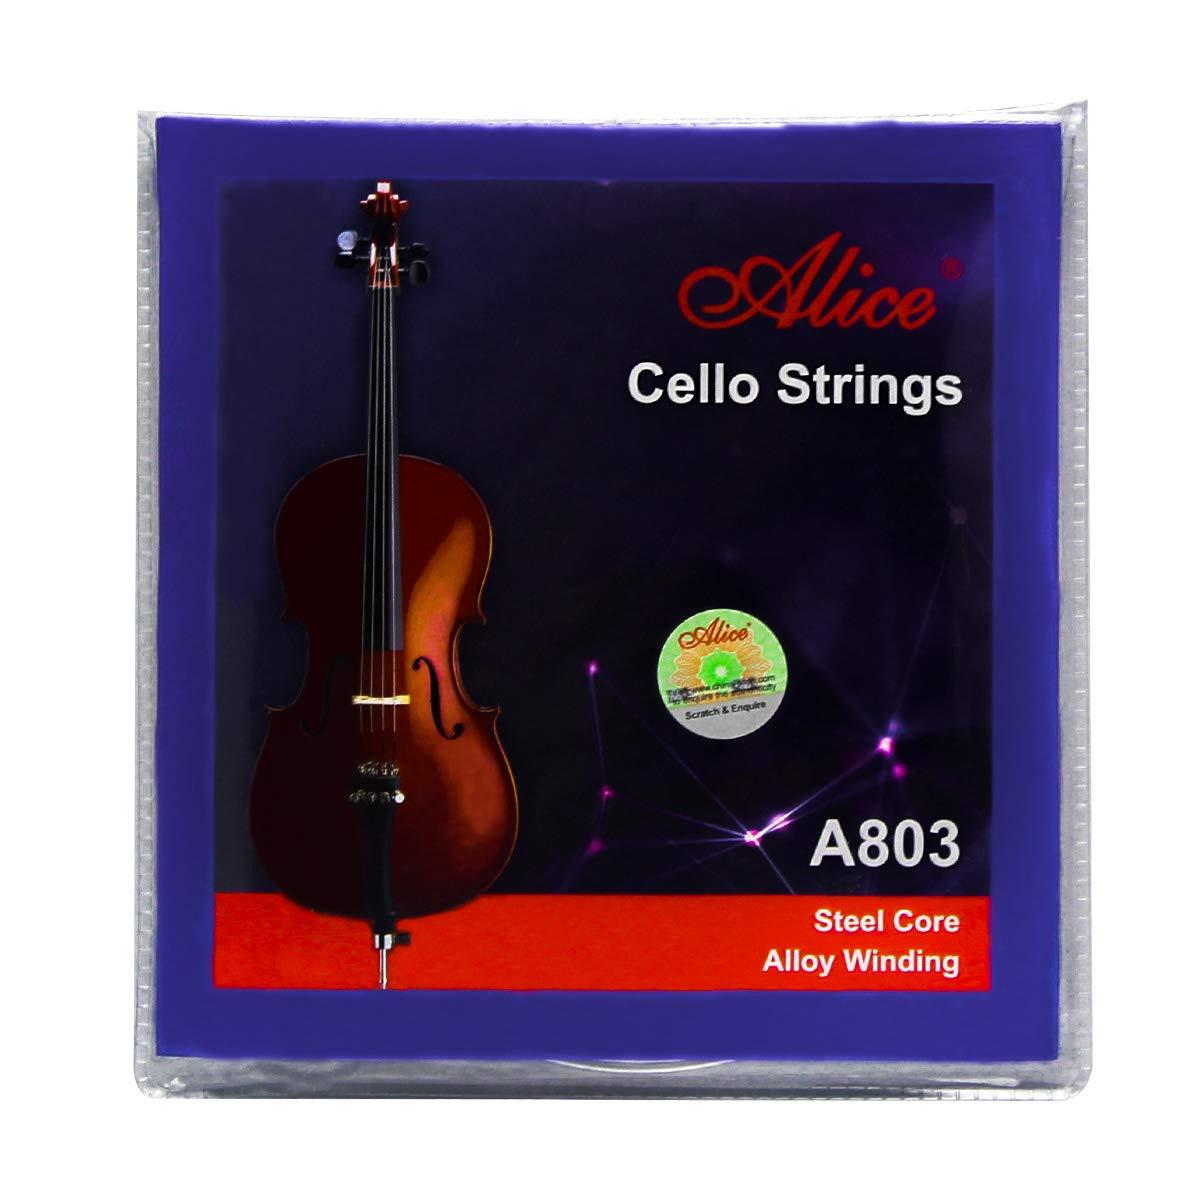 Alice Double Bass Strings Set Steel Core, G/D/A/E iknmusic IKN-A1000